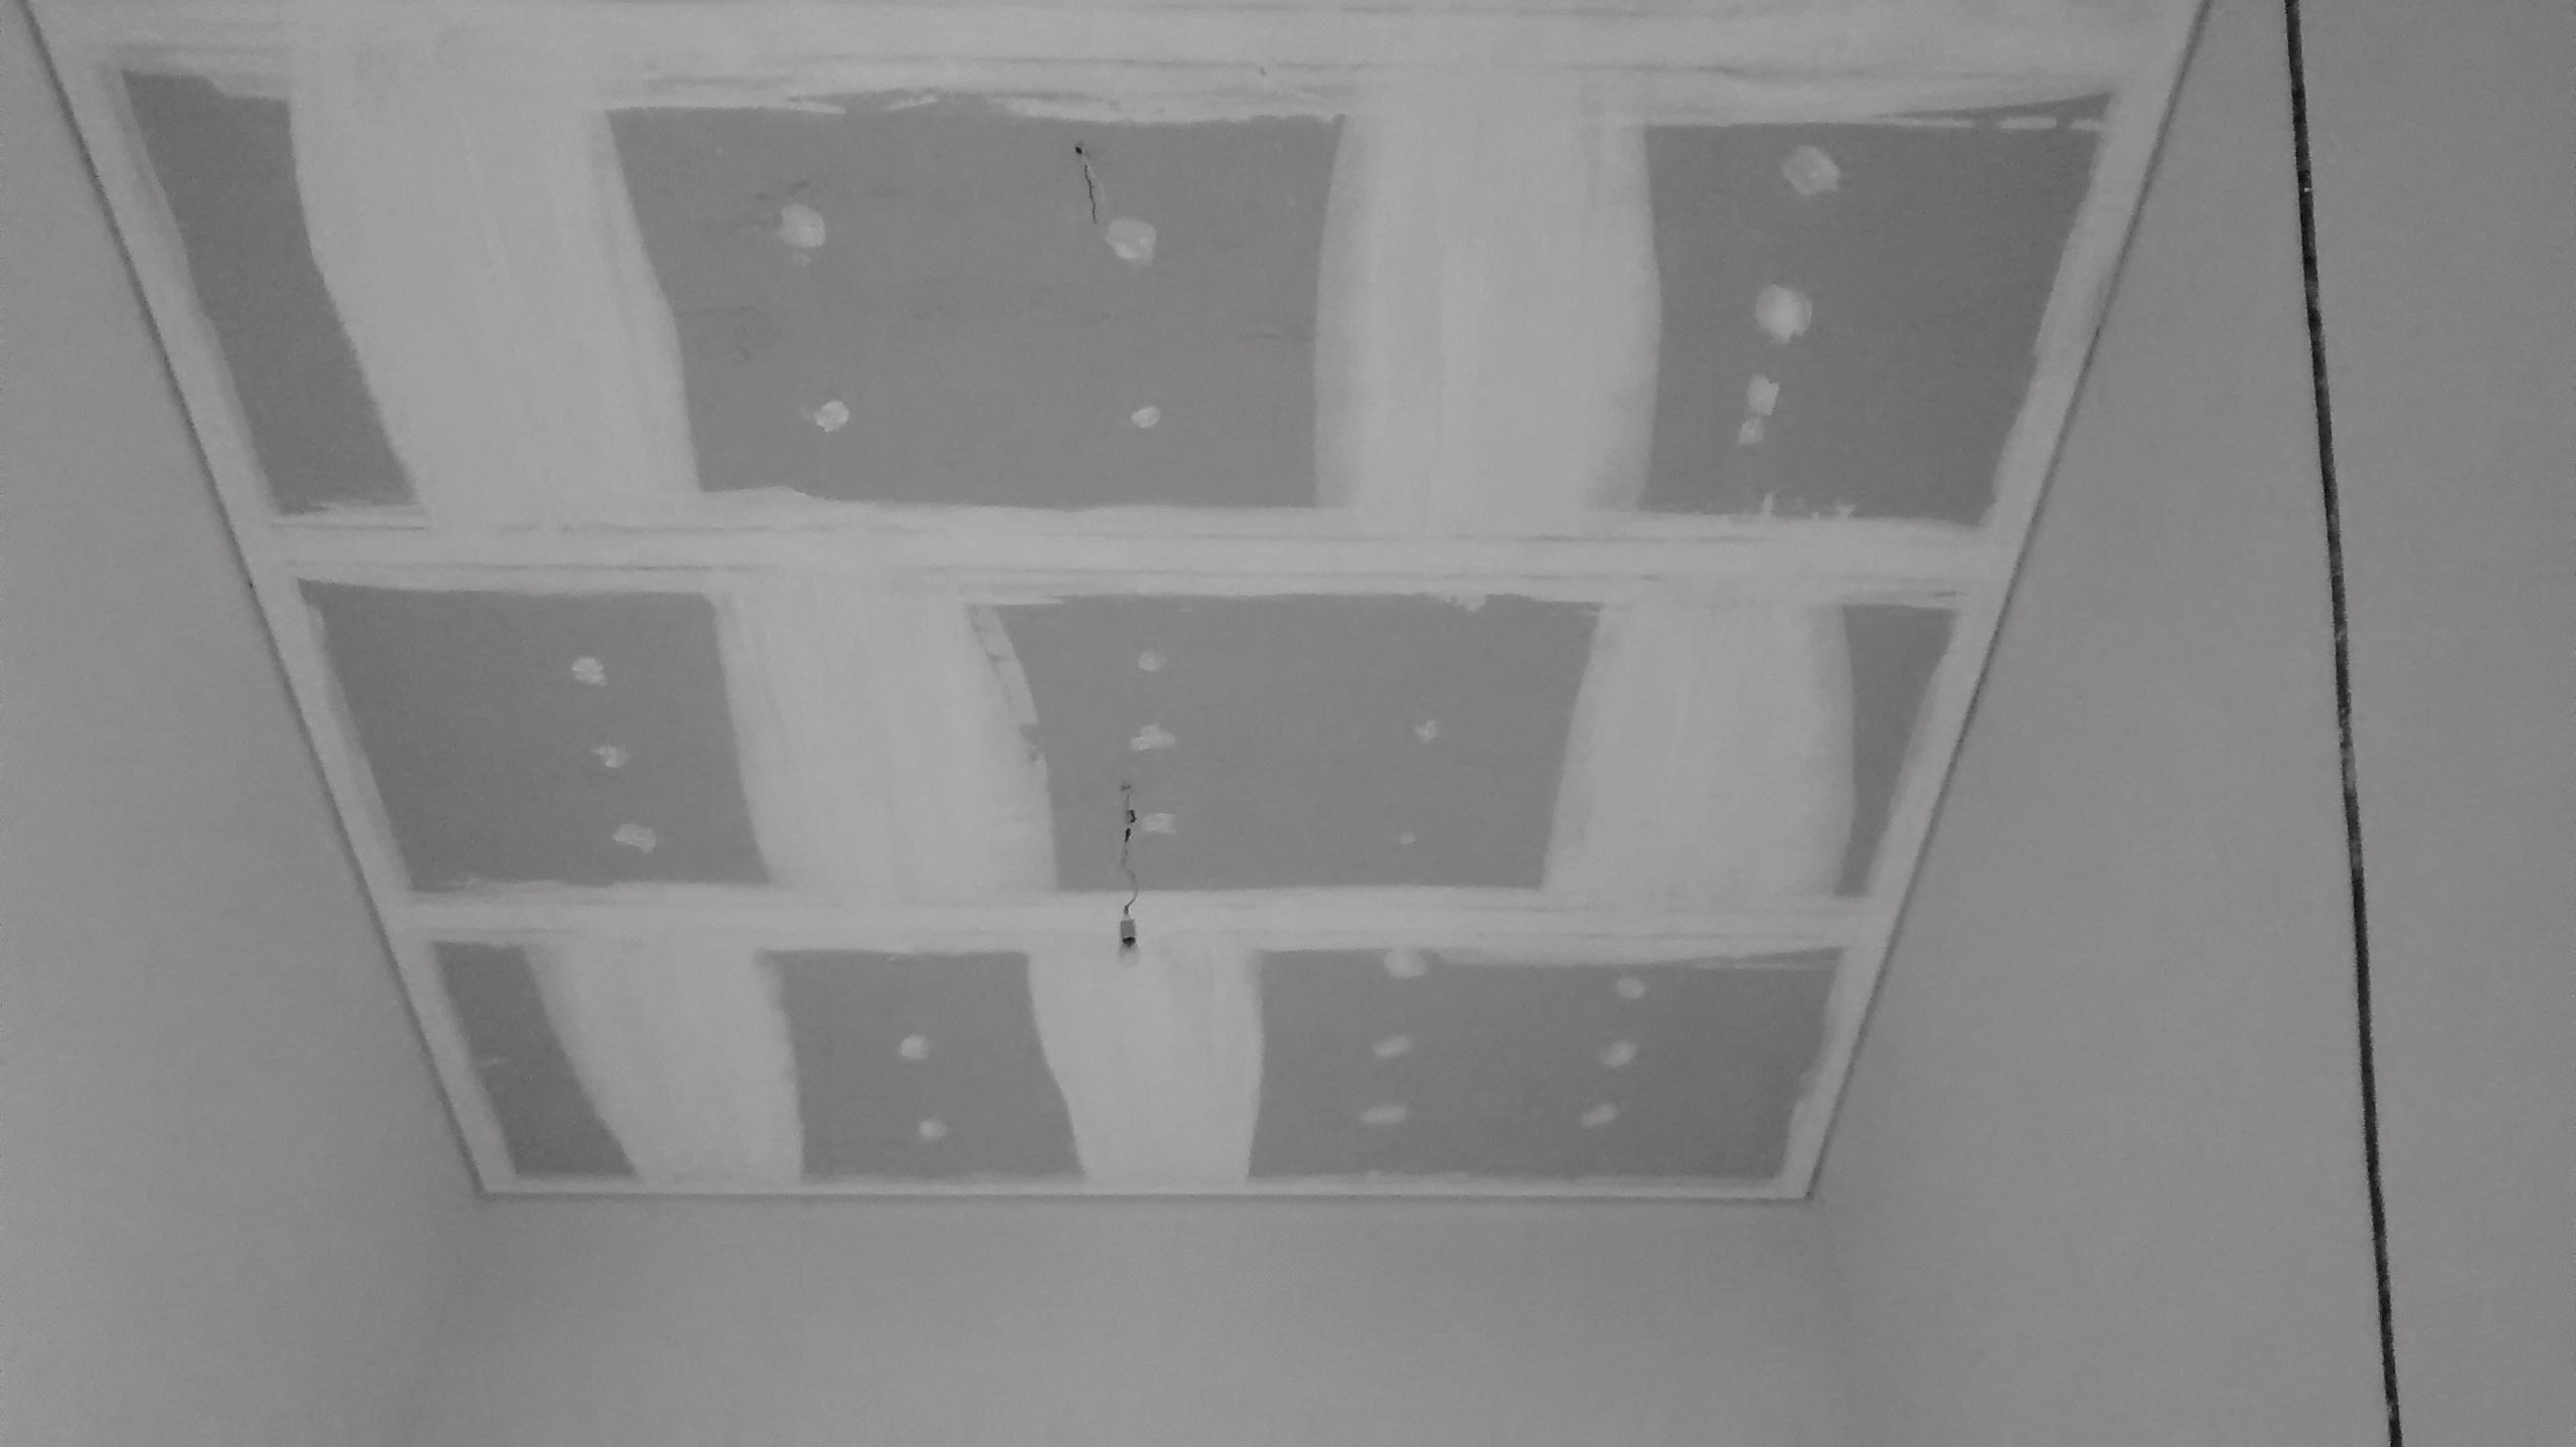 Gesso Sancas e Iluminação DryWall Molduras de Gesso Geso Liso #676466 2592 1456